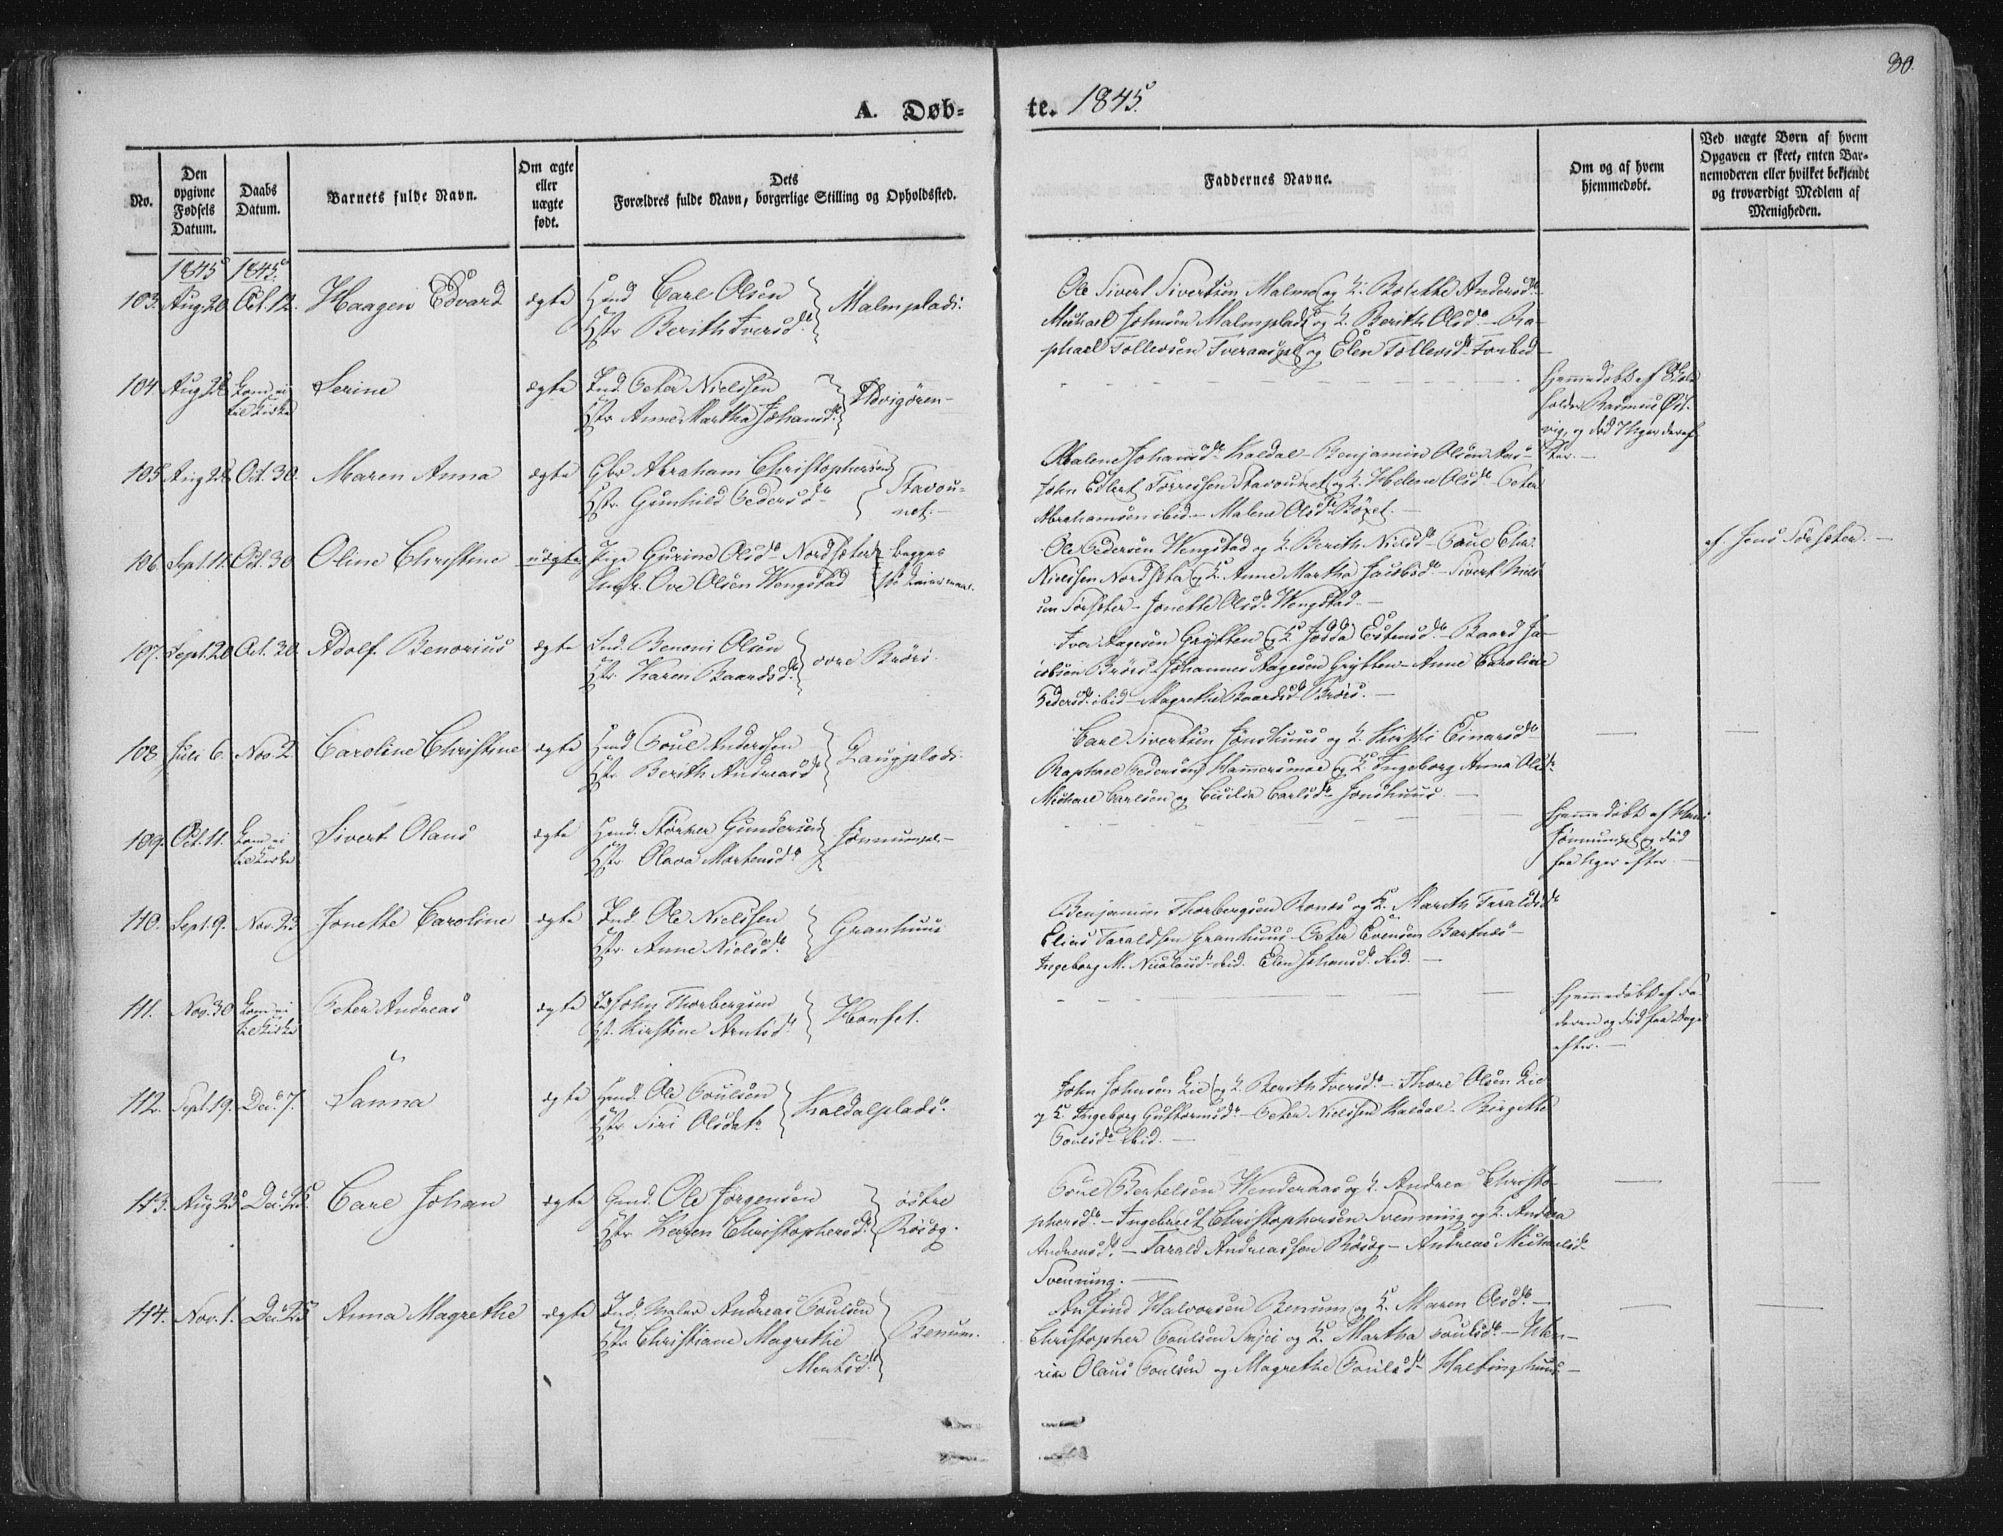 SAT, Ministerialprotokoller, klokkerbøker og fødselsregistre - Nord-Trøndelag, 741/L0392: Ministerialbok nr. 741A06, 1836-1848, s. 80